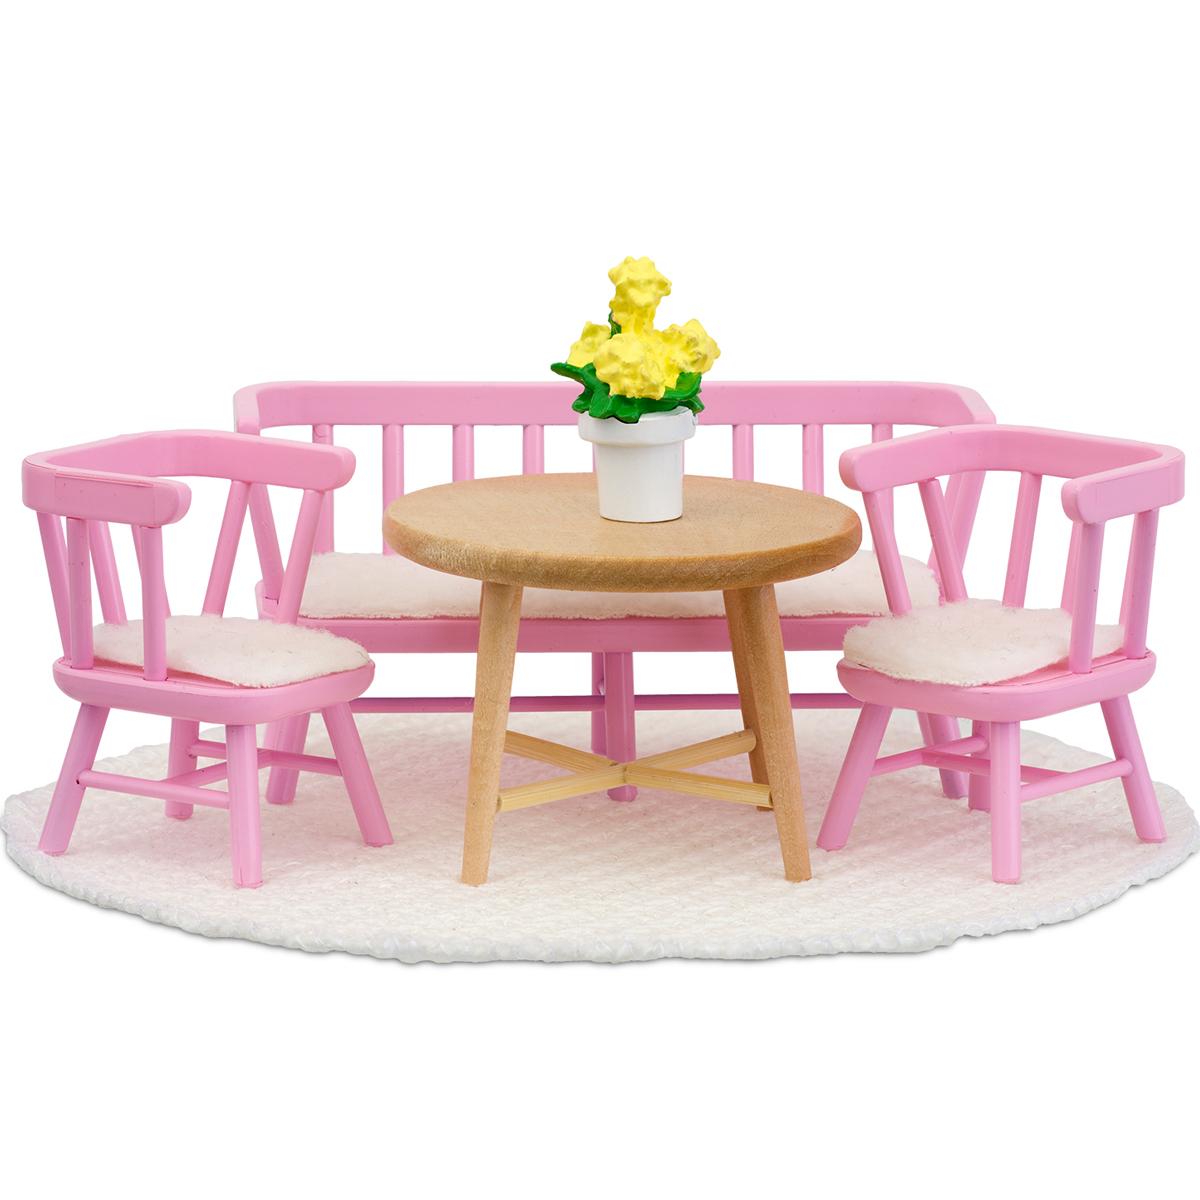 Lundby Küchenmöbel Küche Esszimmer 1:18 Puppenmöbel Puppenhaus Möbel Zubehör